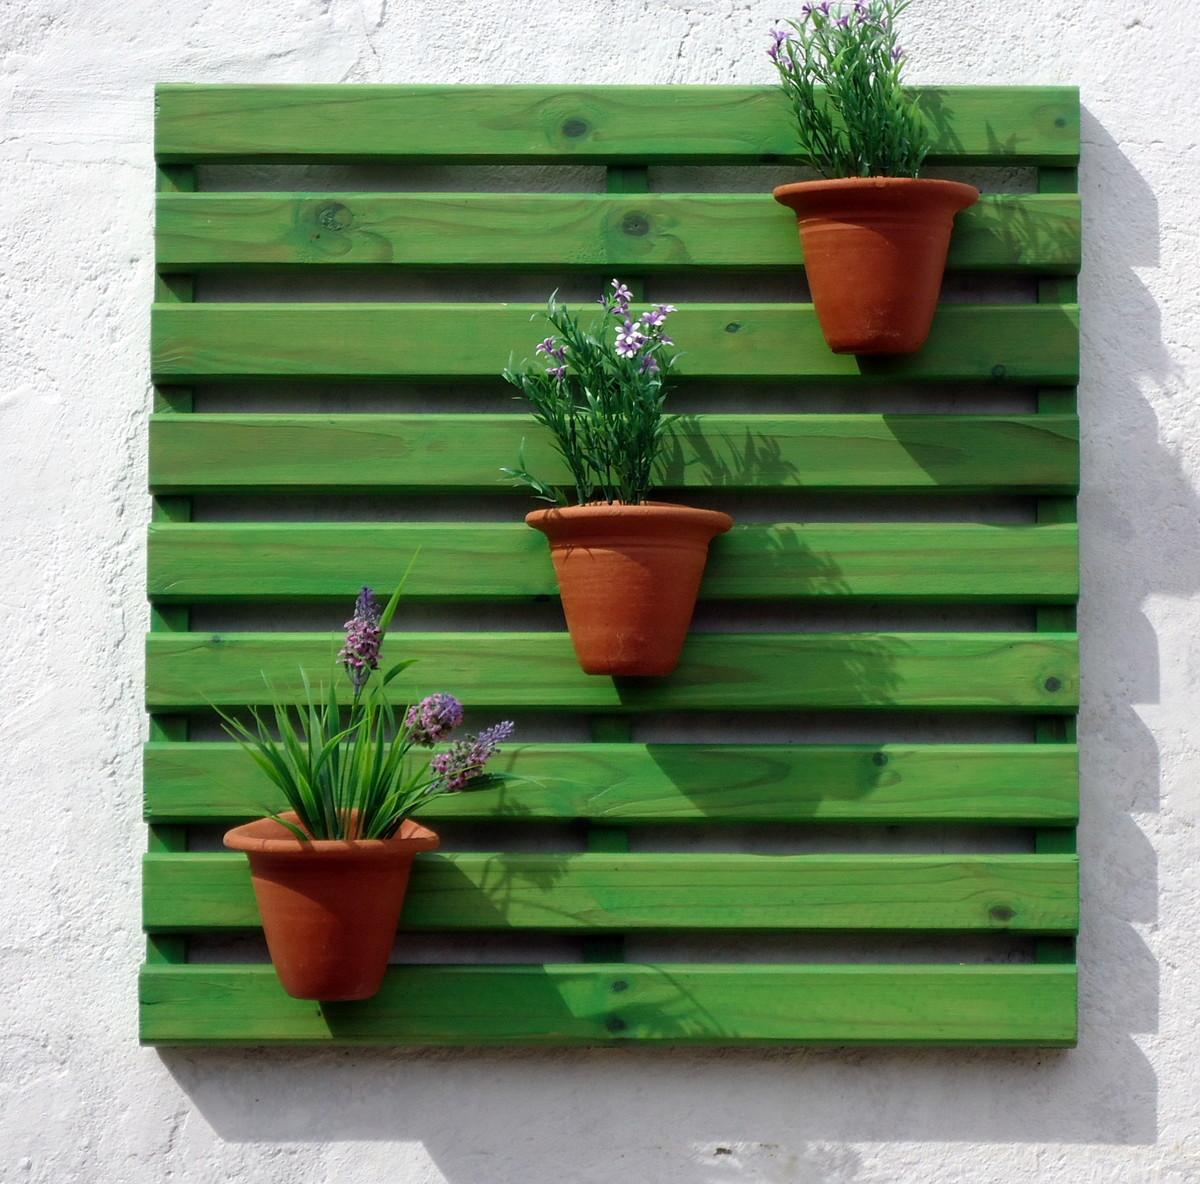 de deck painel p jardim vertical verde painel de deck painel p jardim #742F19 1200x1184